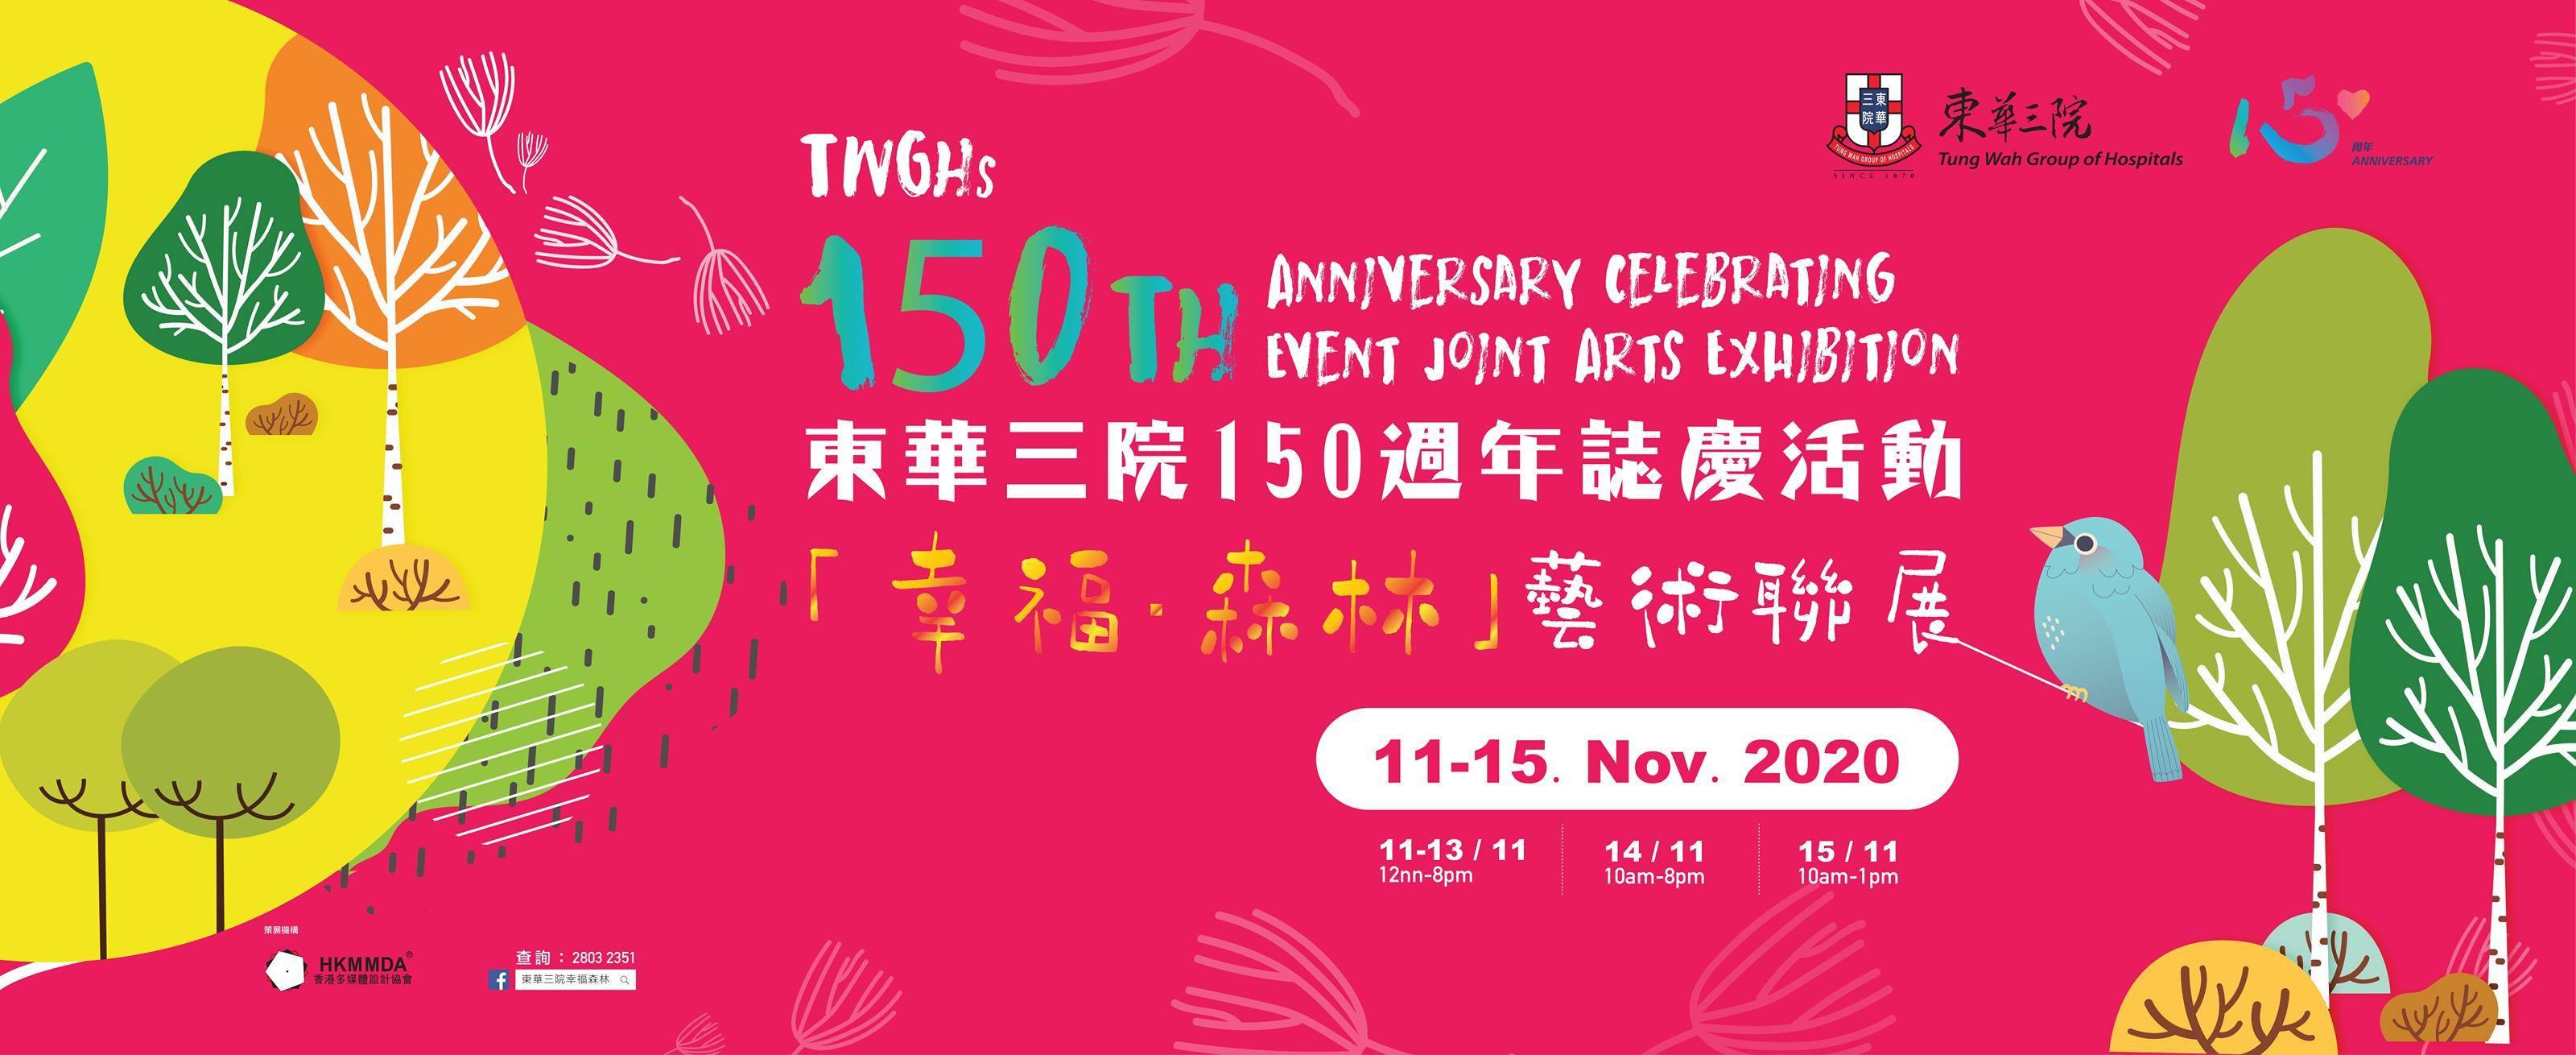 東華三院150週年誌慶活動 「幸福‧森林」藝術聯展啟動禮